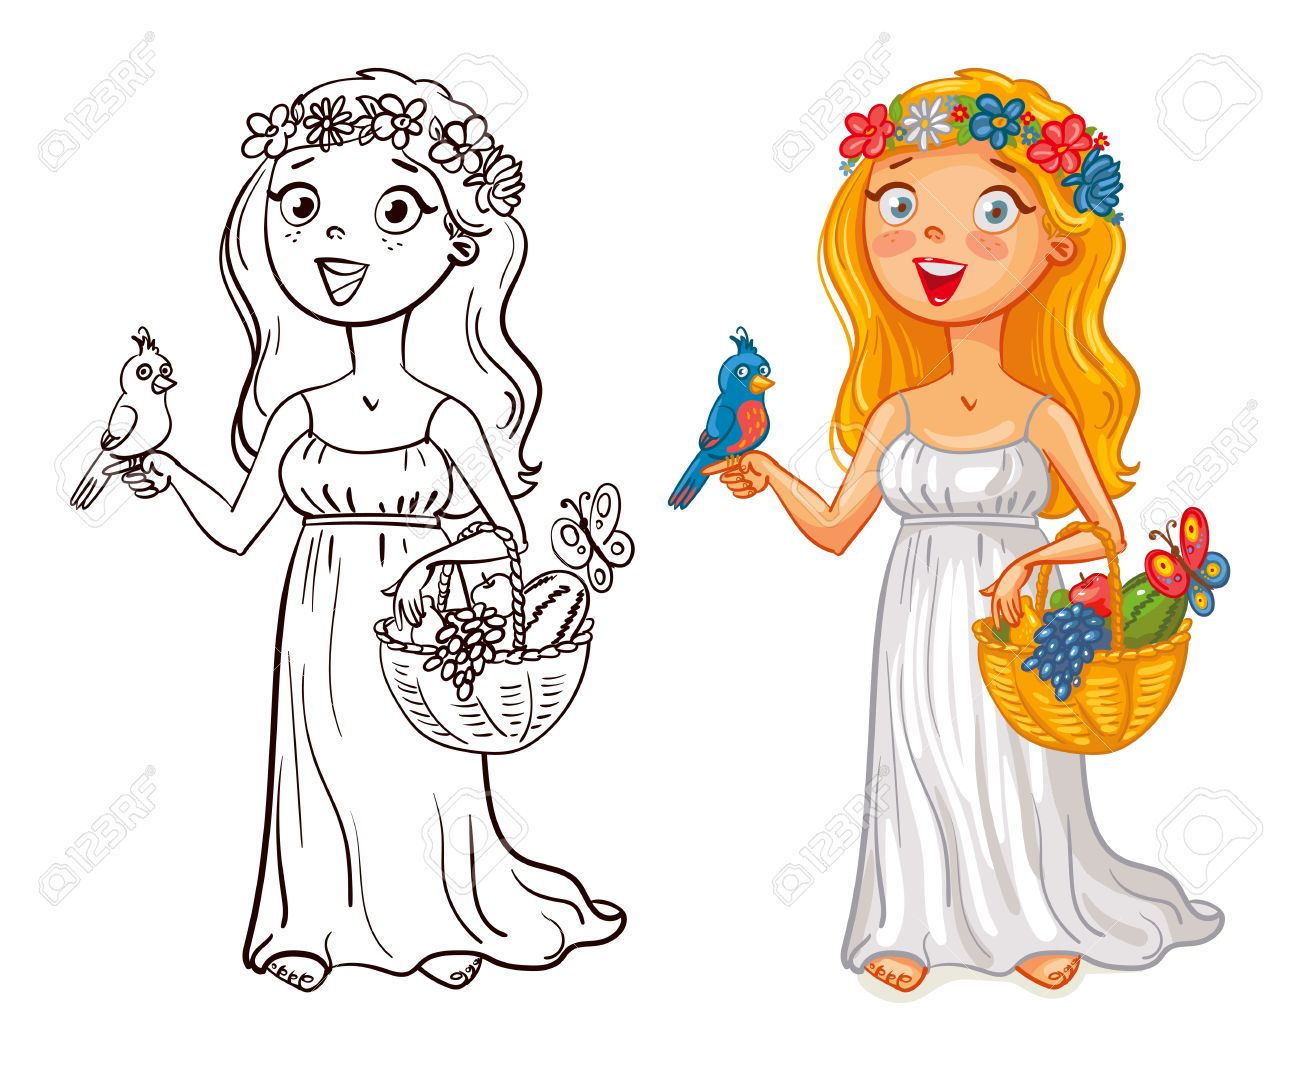 Flora Deidad Niña En Una Corona De Flores Con El Pájaro Y Cesta De Frutas Personaje De Dibujos Animados Divertido Ilustración Del Vector Aislado